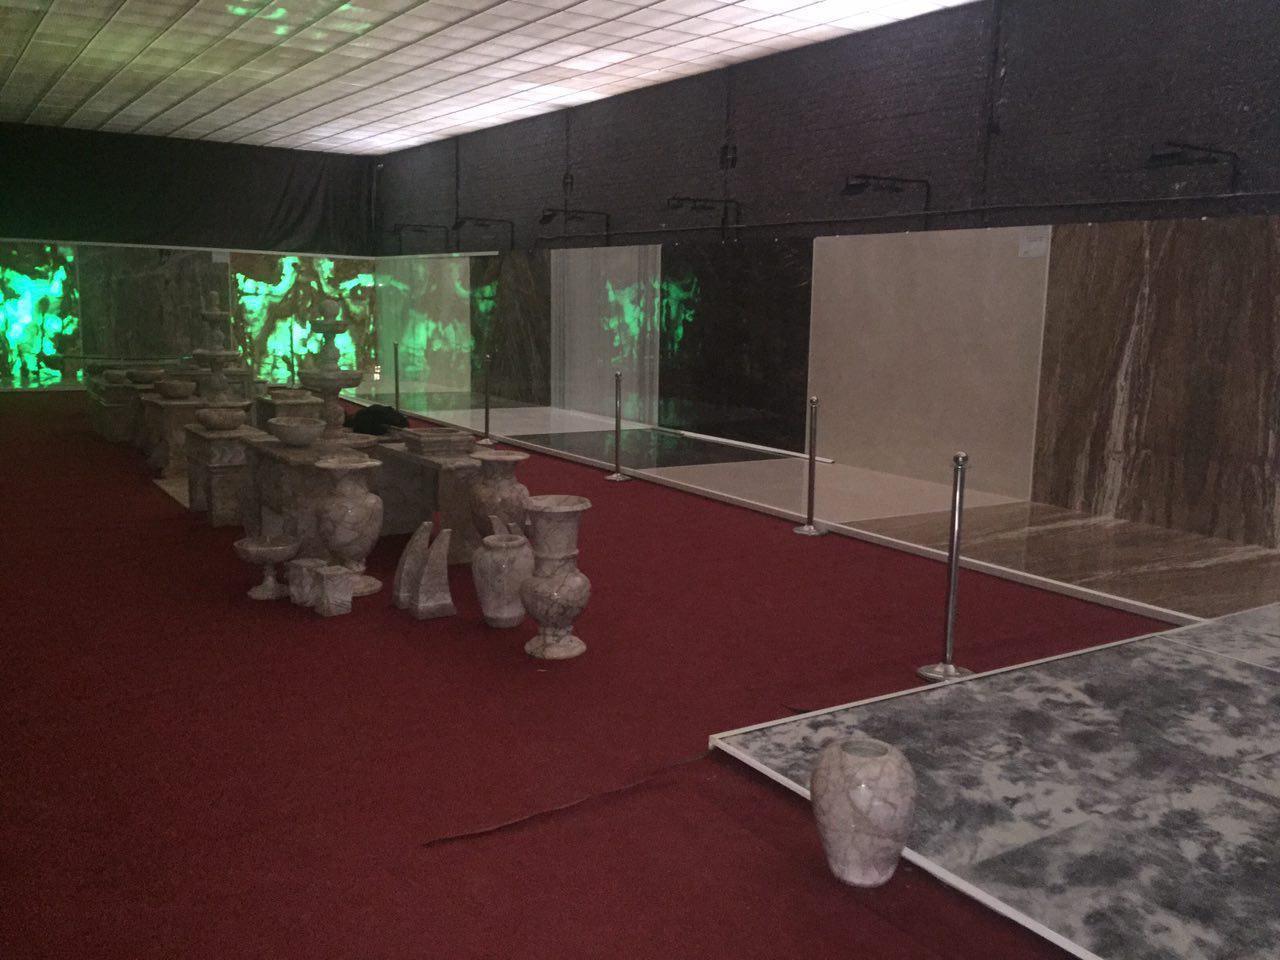 نمایشگاه اسلب سنگ سعیدی